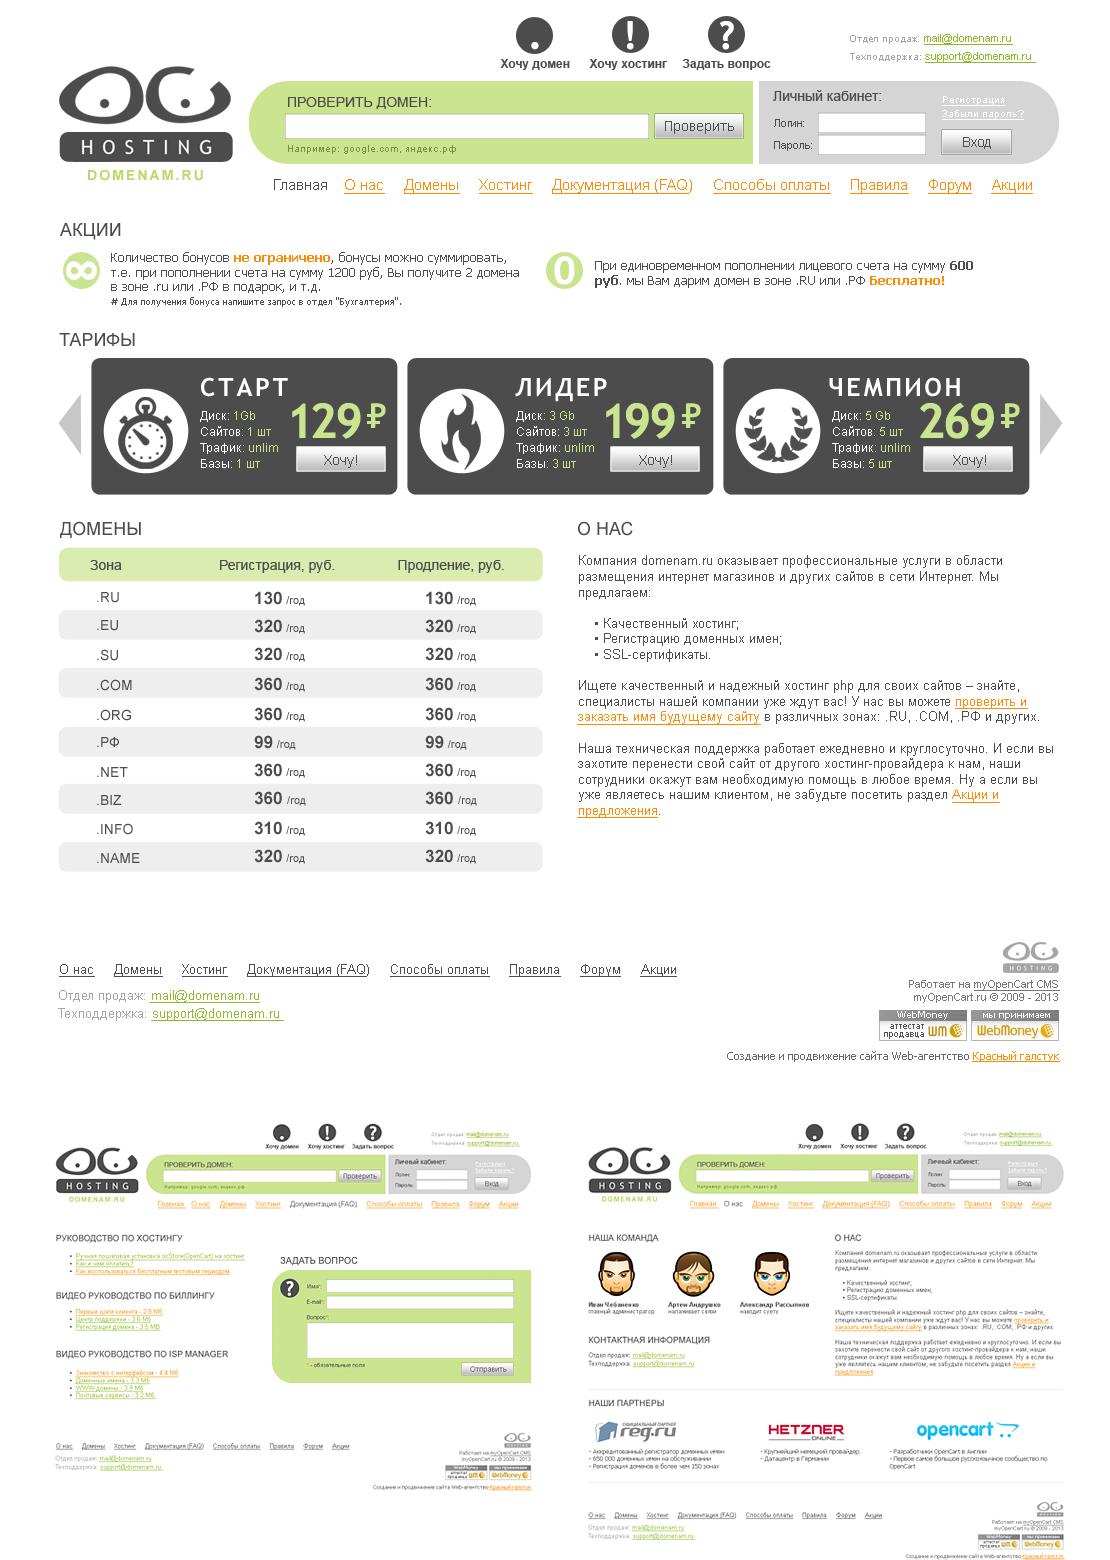 Хостинг и домены. сайт